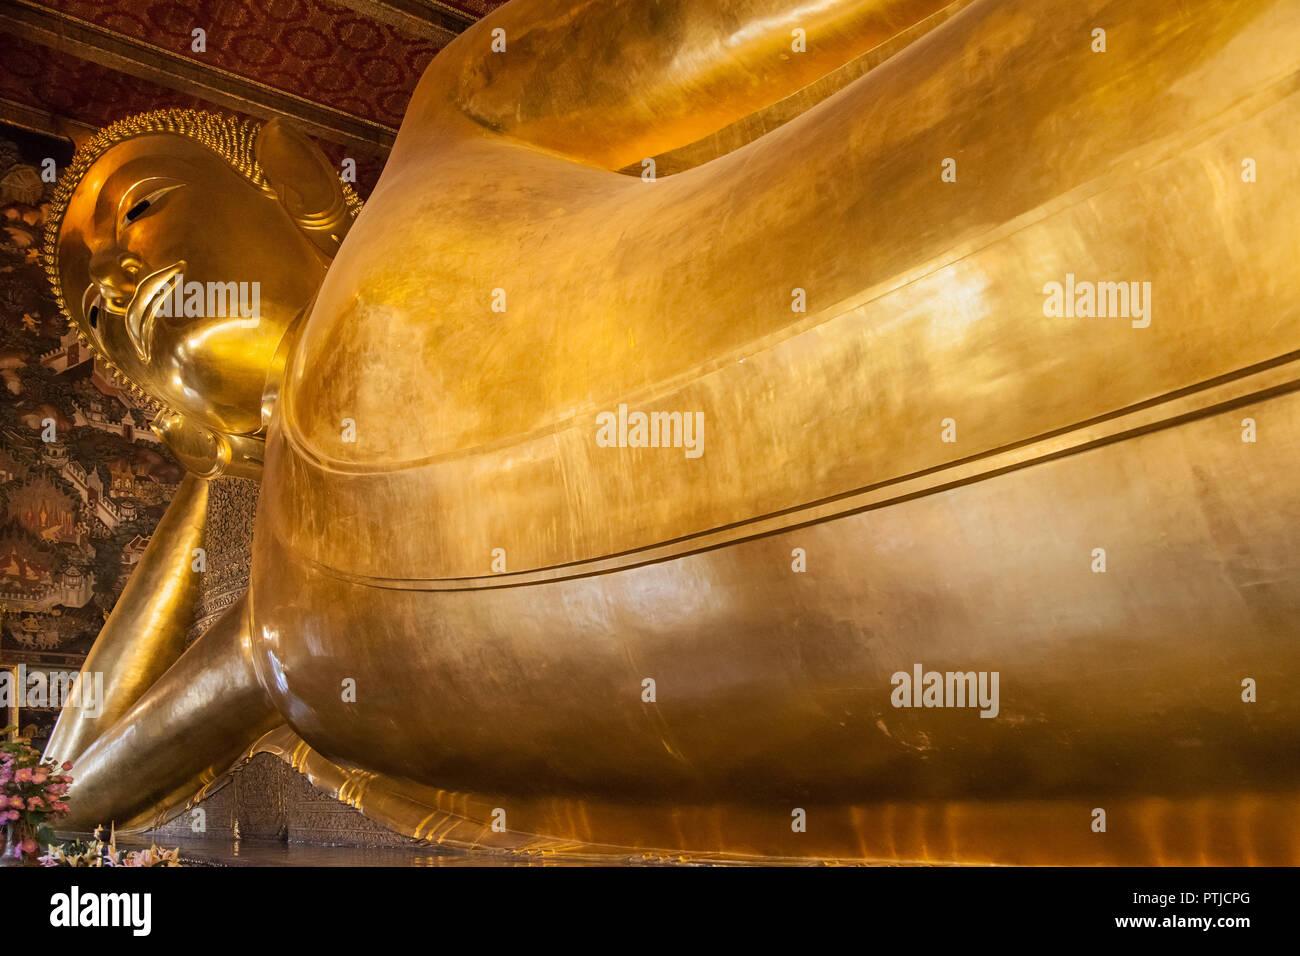 Reclining Buddha at Wat Pho in Bangkok, Thailand. Stock Photo